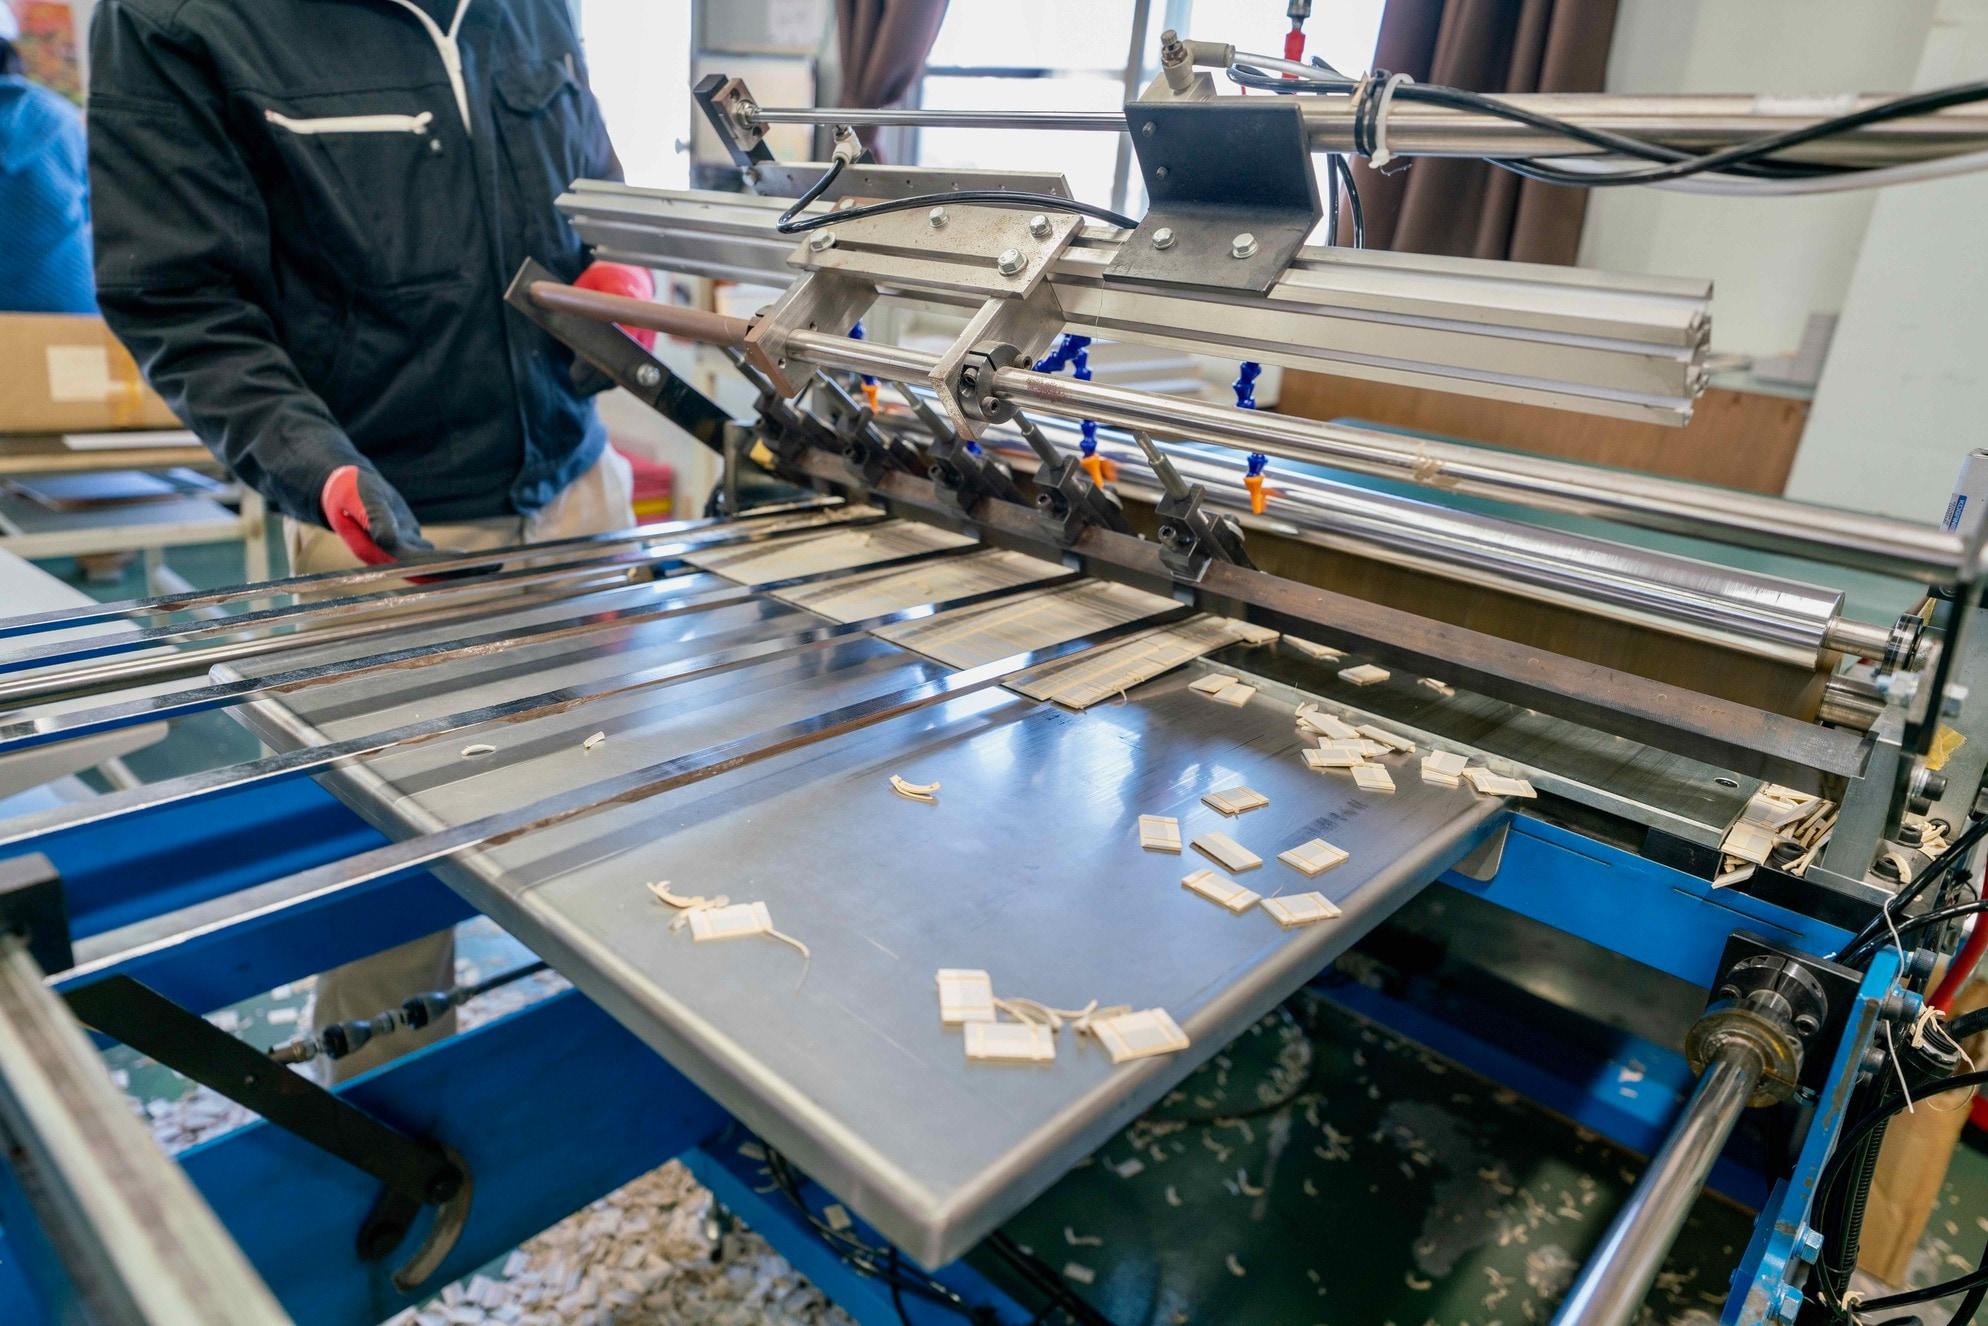 モリタ株式会社のオリジナルパッケージ製造工場,紙箱を裁断する機械